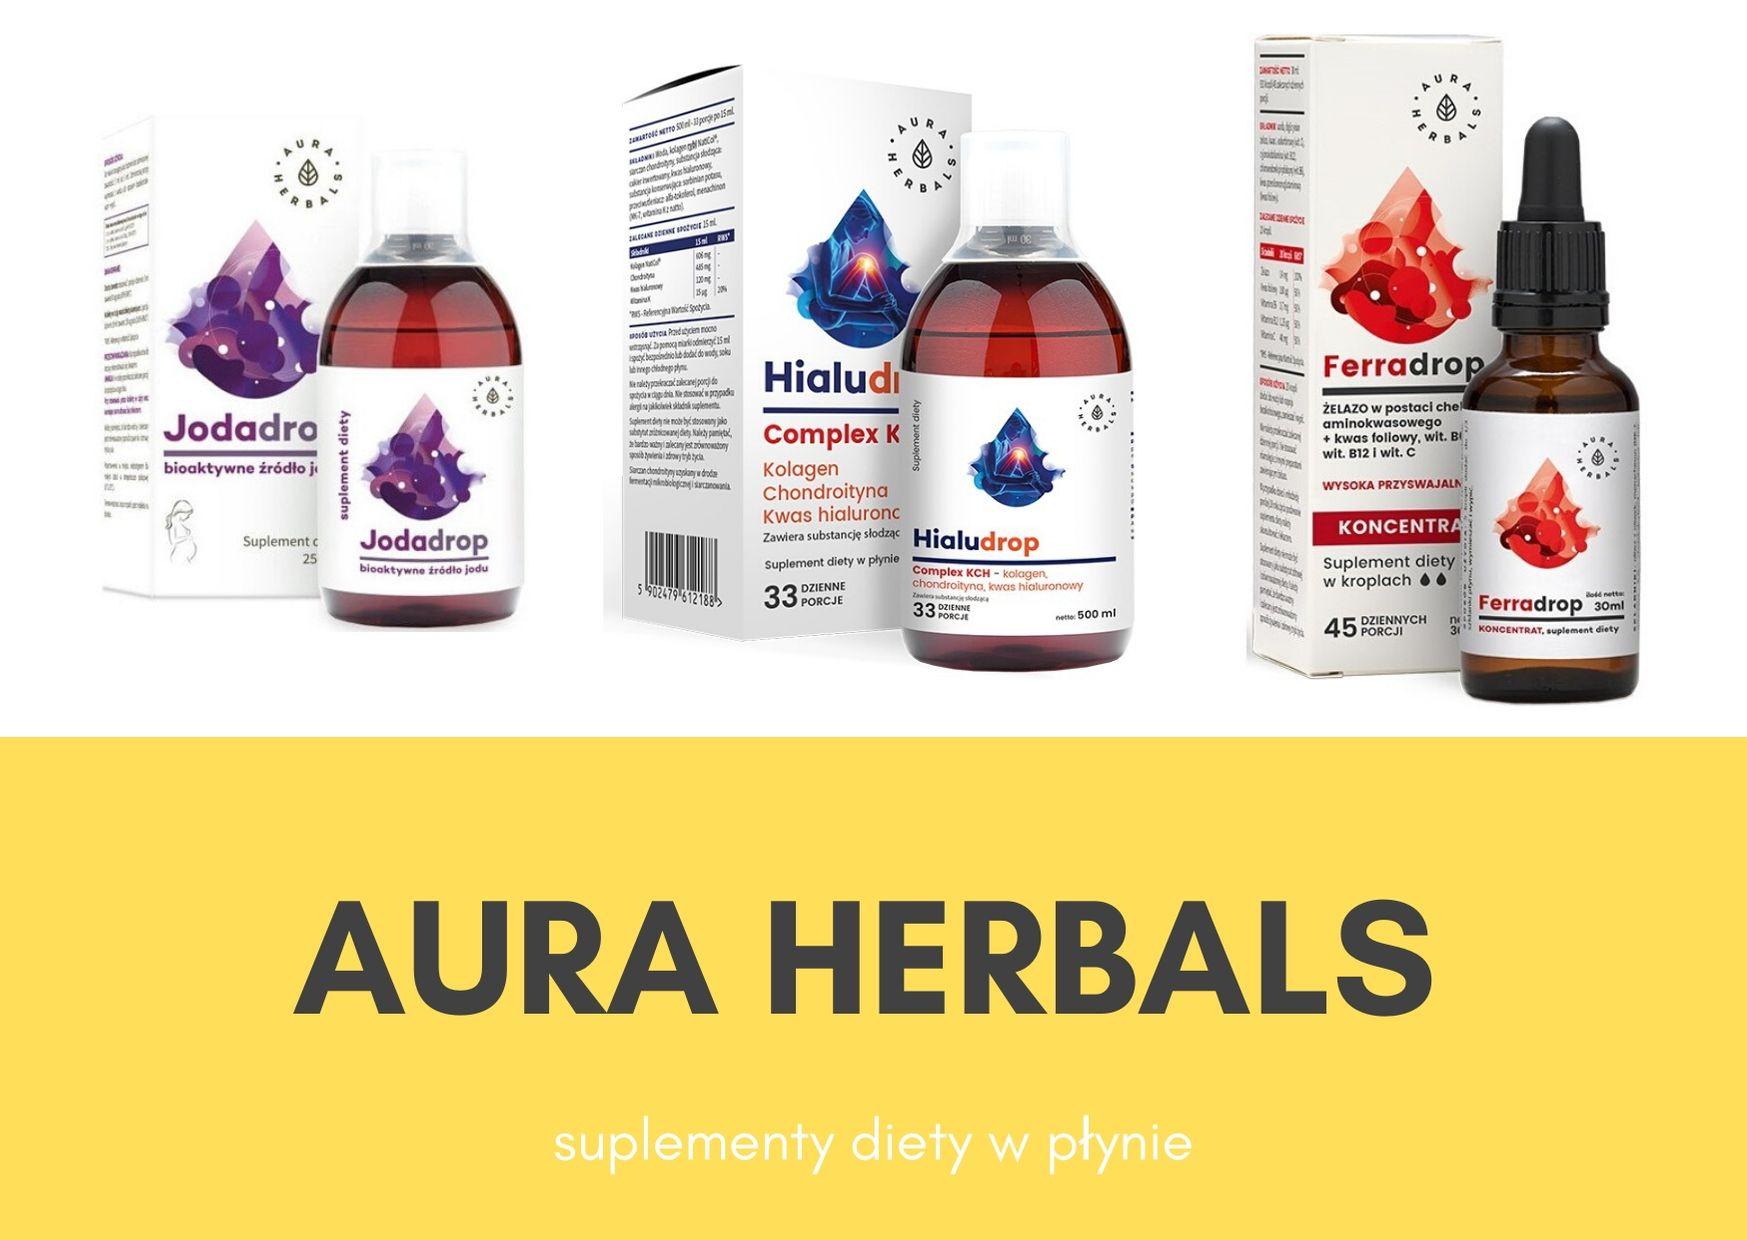 Aura Herbals – producent suplementów diety w płynie